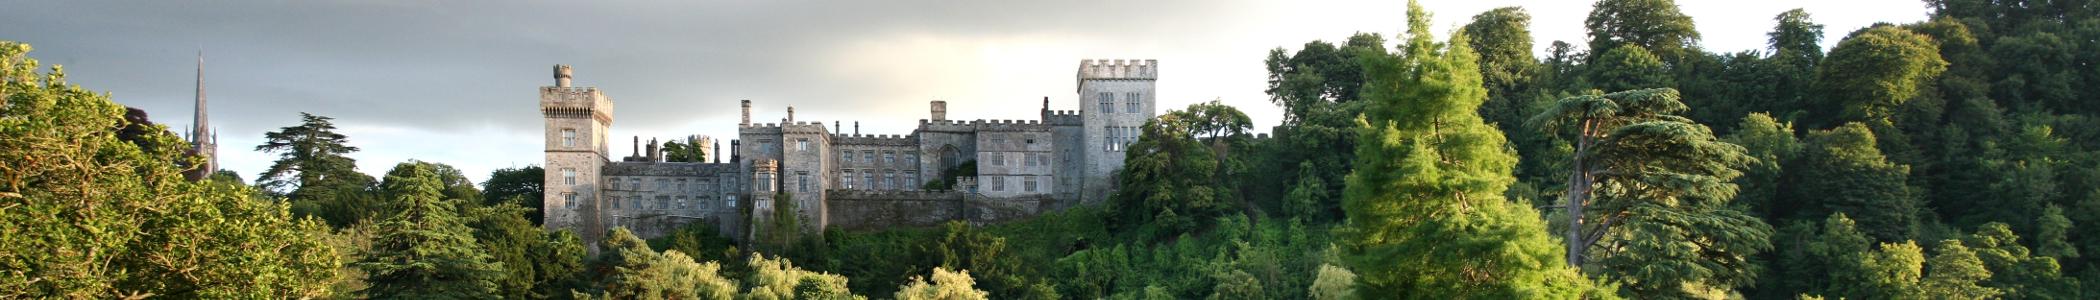 Image result for lismore castle banner